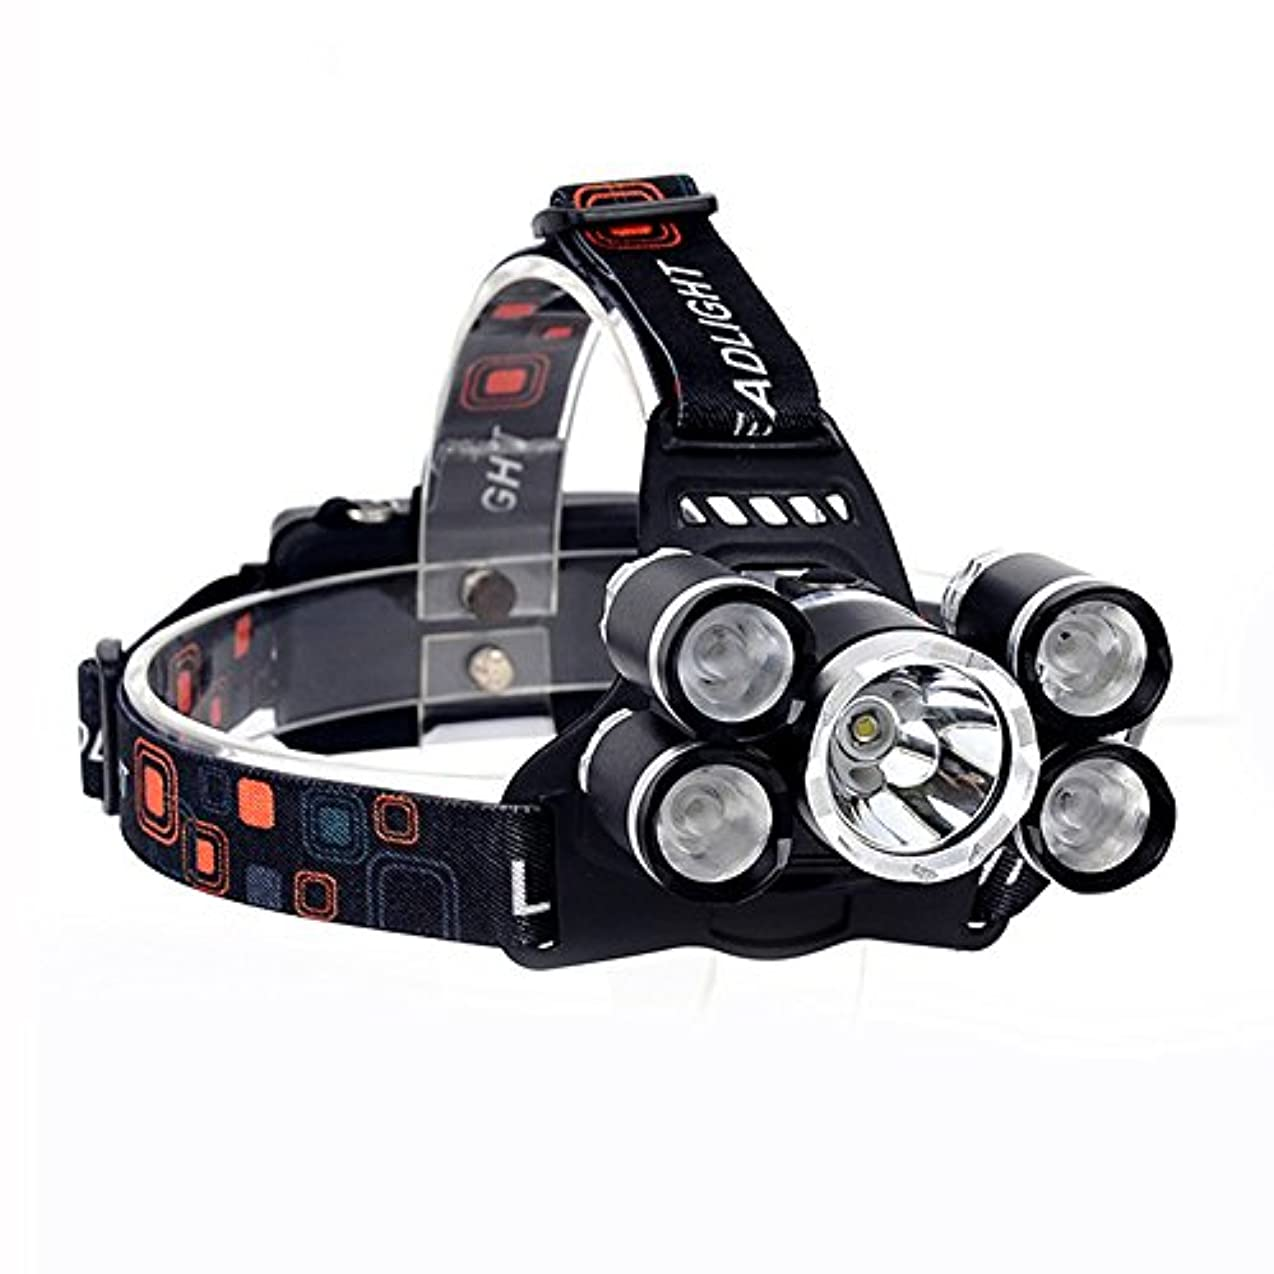 良心的対角線ヒューズXIAOBUDIAN 15000Lm LEDヘッドランプXML T6 + 4R5ヘッドランプ充電式18650ヘッド懐中電灯トーチキャンプフィッシングランタン